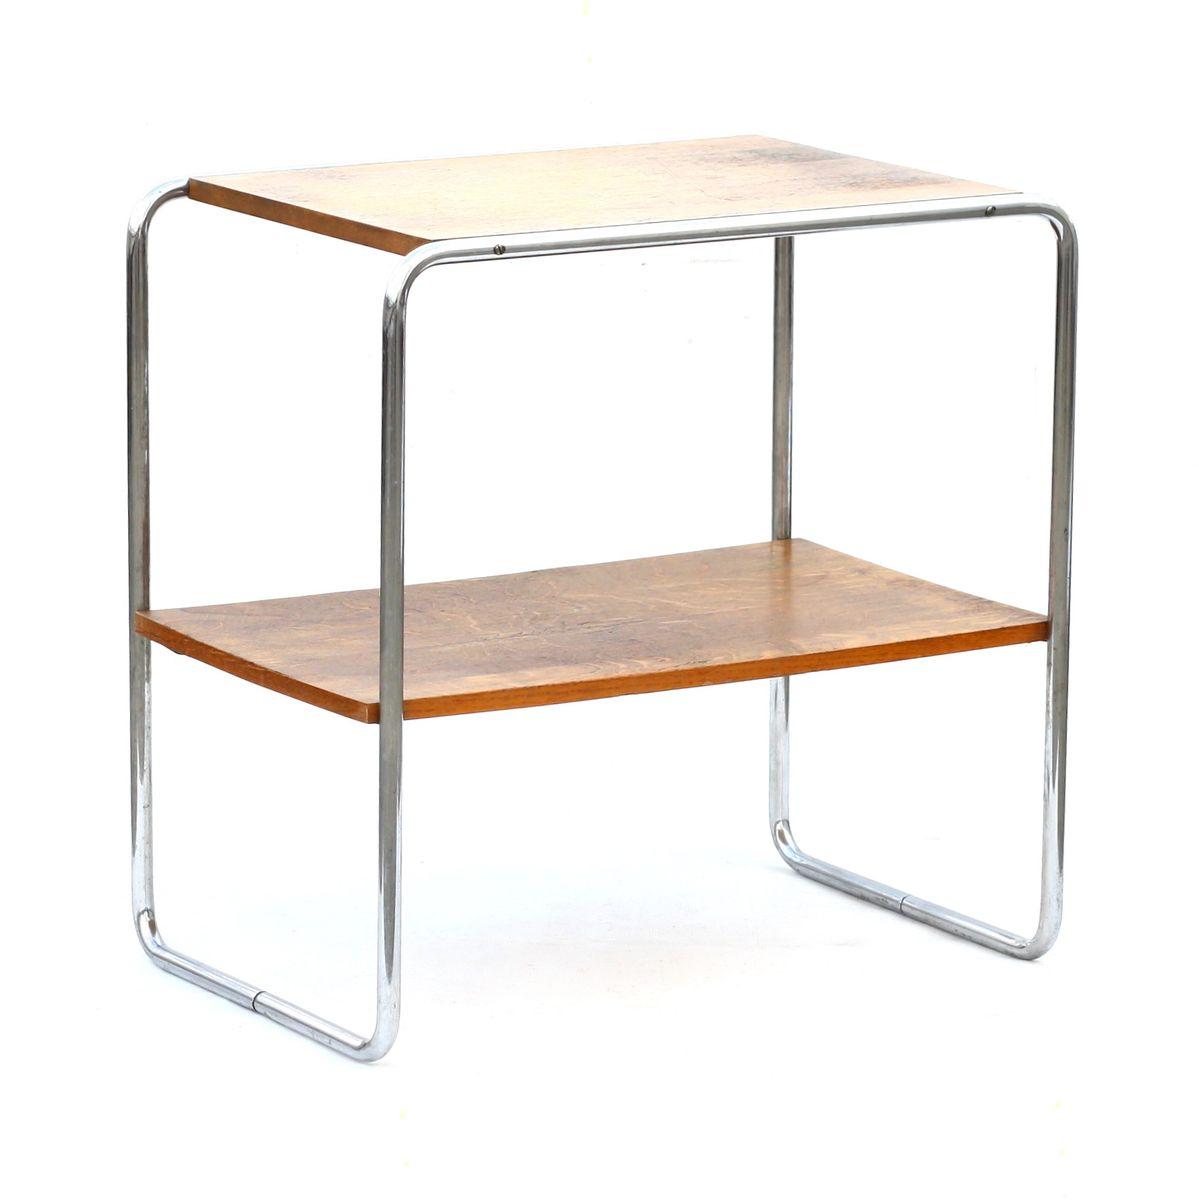 midcentury czech oak  chrome table from kovona for sale at pamono - midcentury czech oak  chrome table from kovona